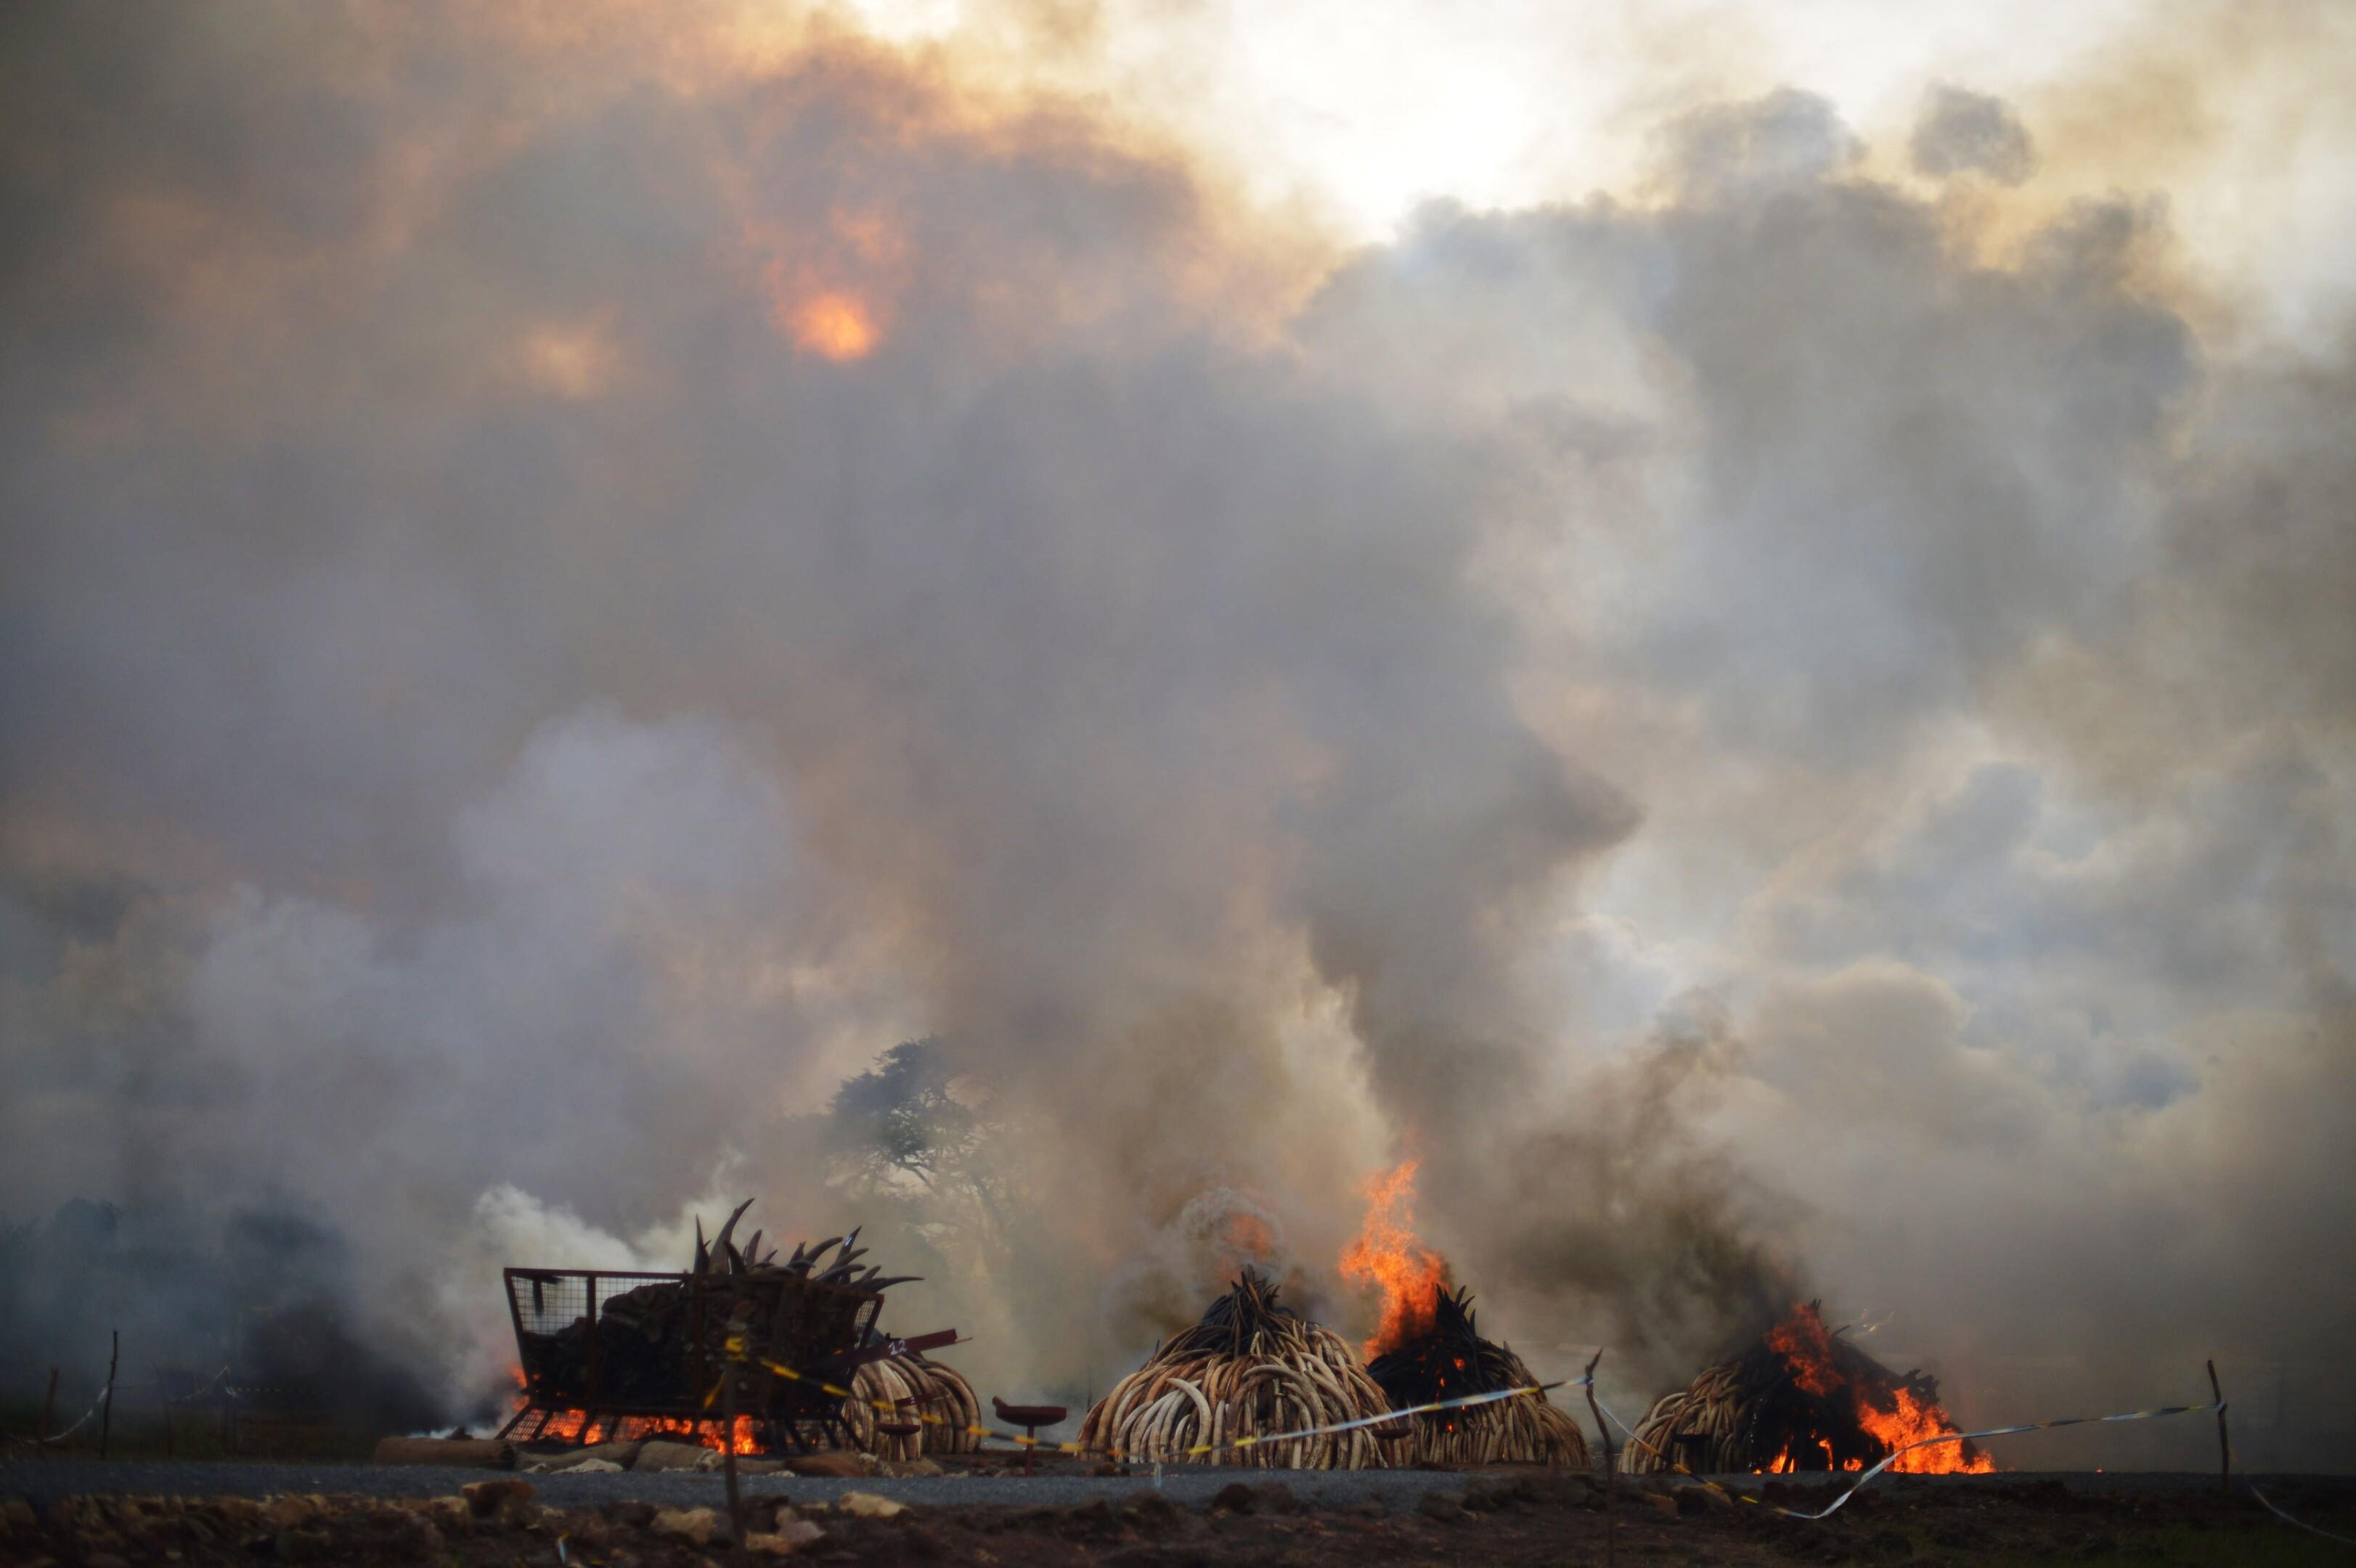 Kina vil forbyde handel med elfenben næste år   Udland   DR